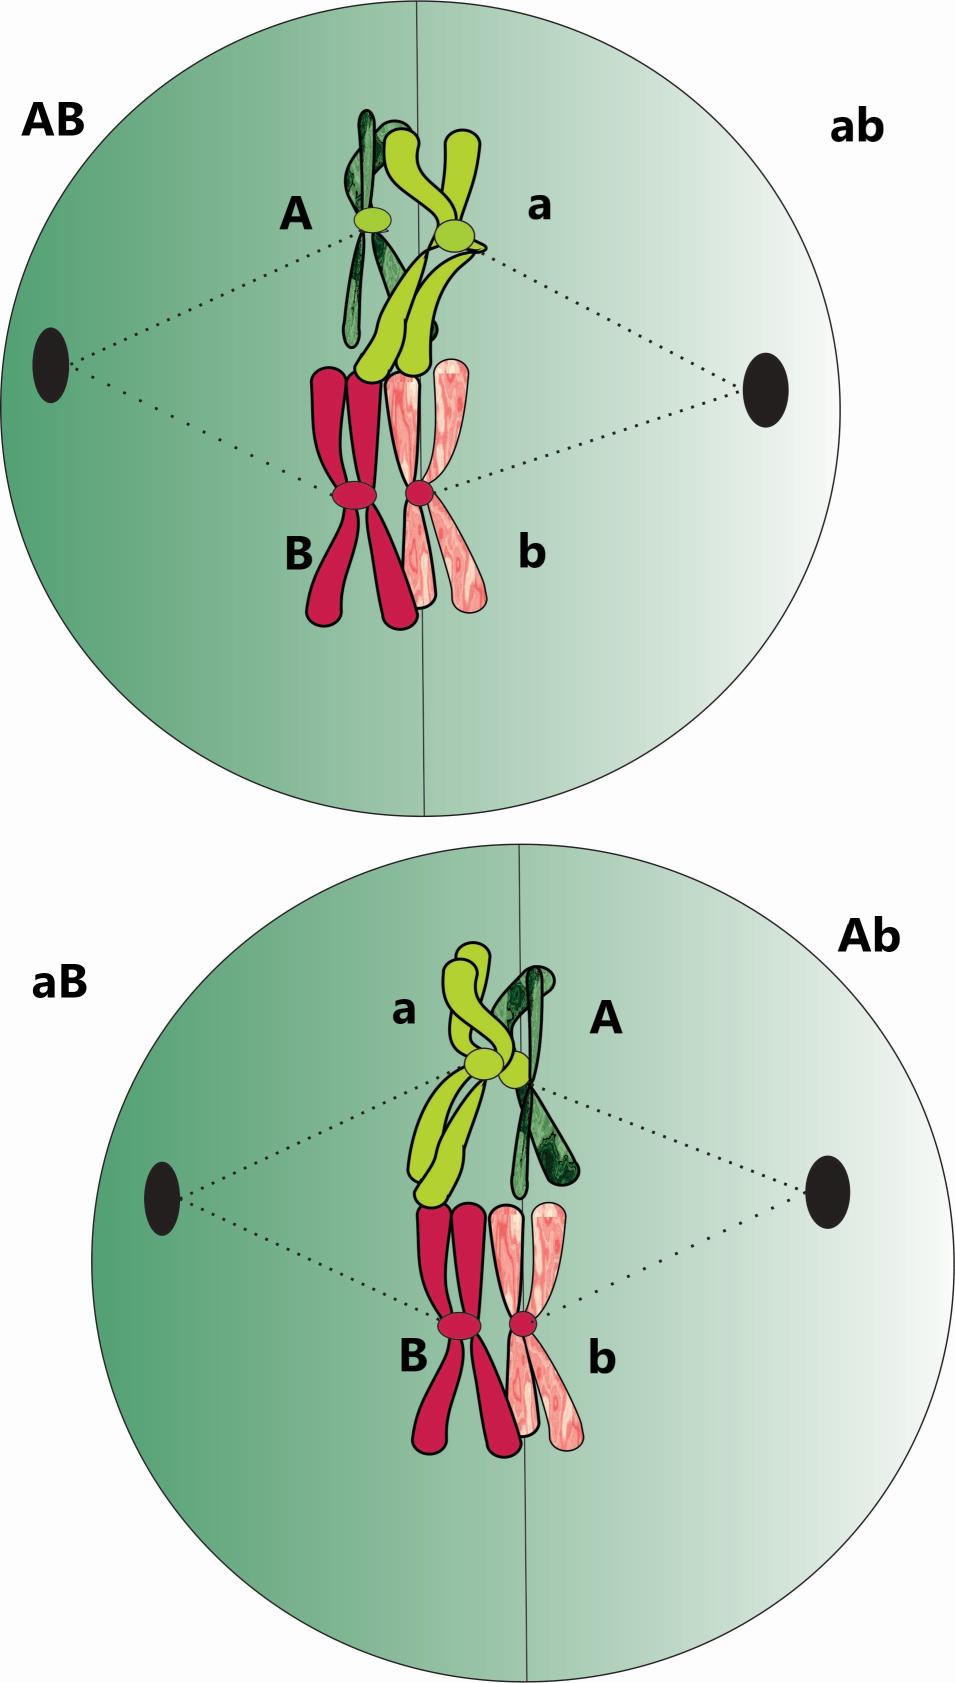 Las dos posibles coorientaciones: ambos maternos haca un polo y paternos al otro o al revés Hay un 50% de posibilidades de que ocurra en cada célula o una o la otra.